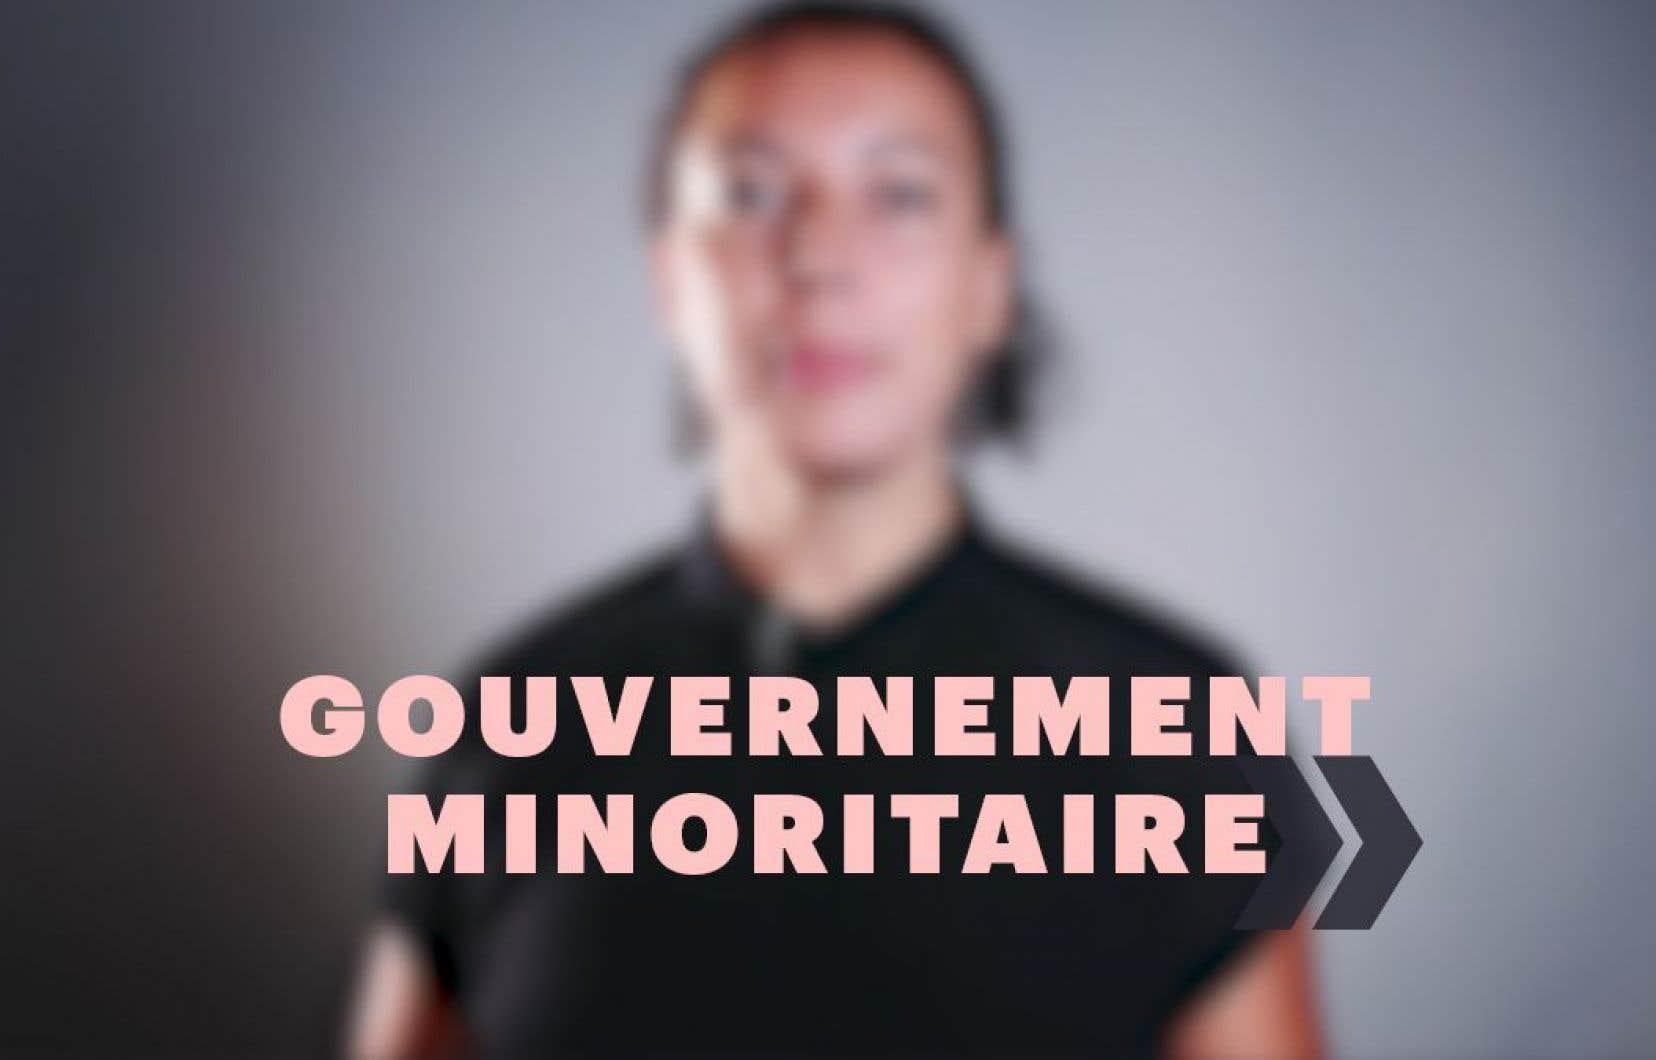 Notre journaliste Katia Tobar expliquece qu'il arrivera si un gouvernement minoritaire est élu le 1er octobre.